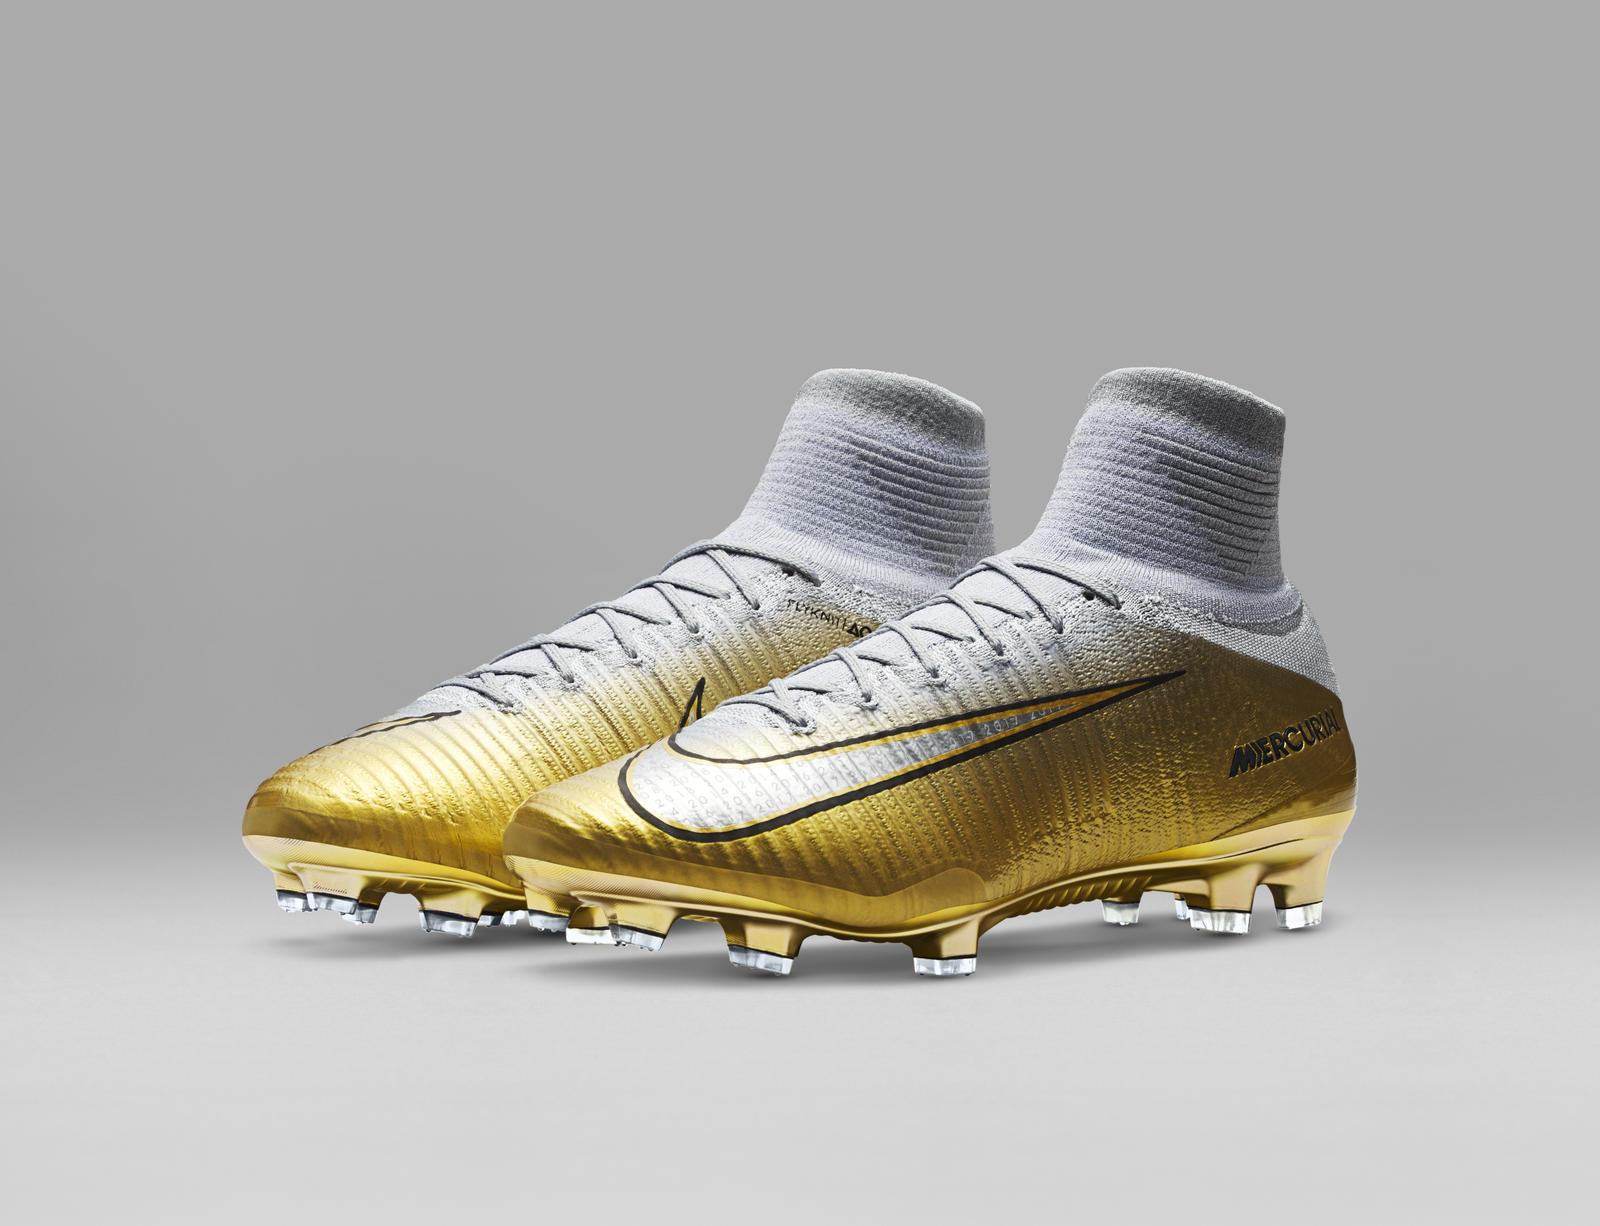 CR7 celebra bola de ouro com novas botas a88676db37f32